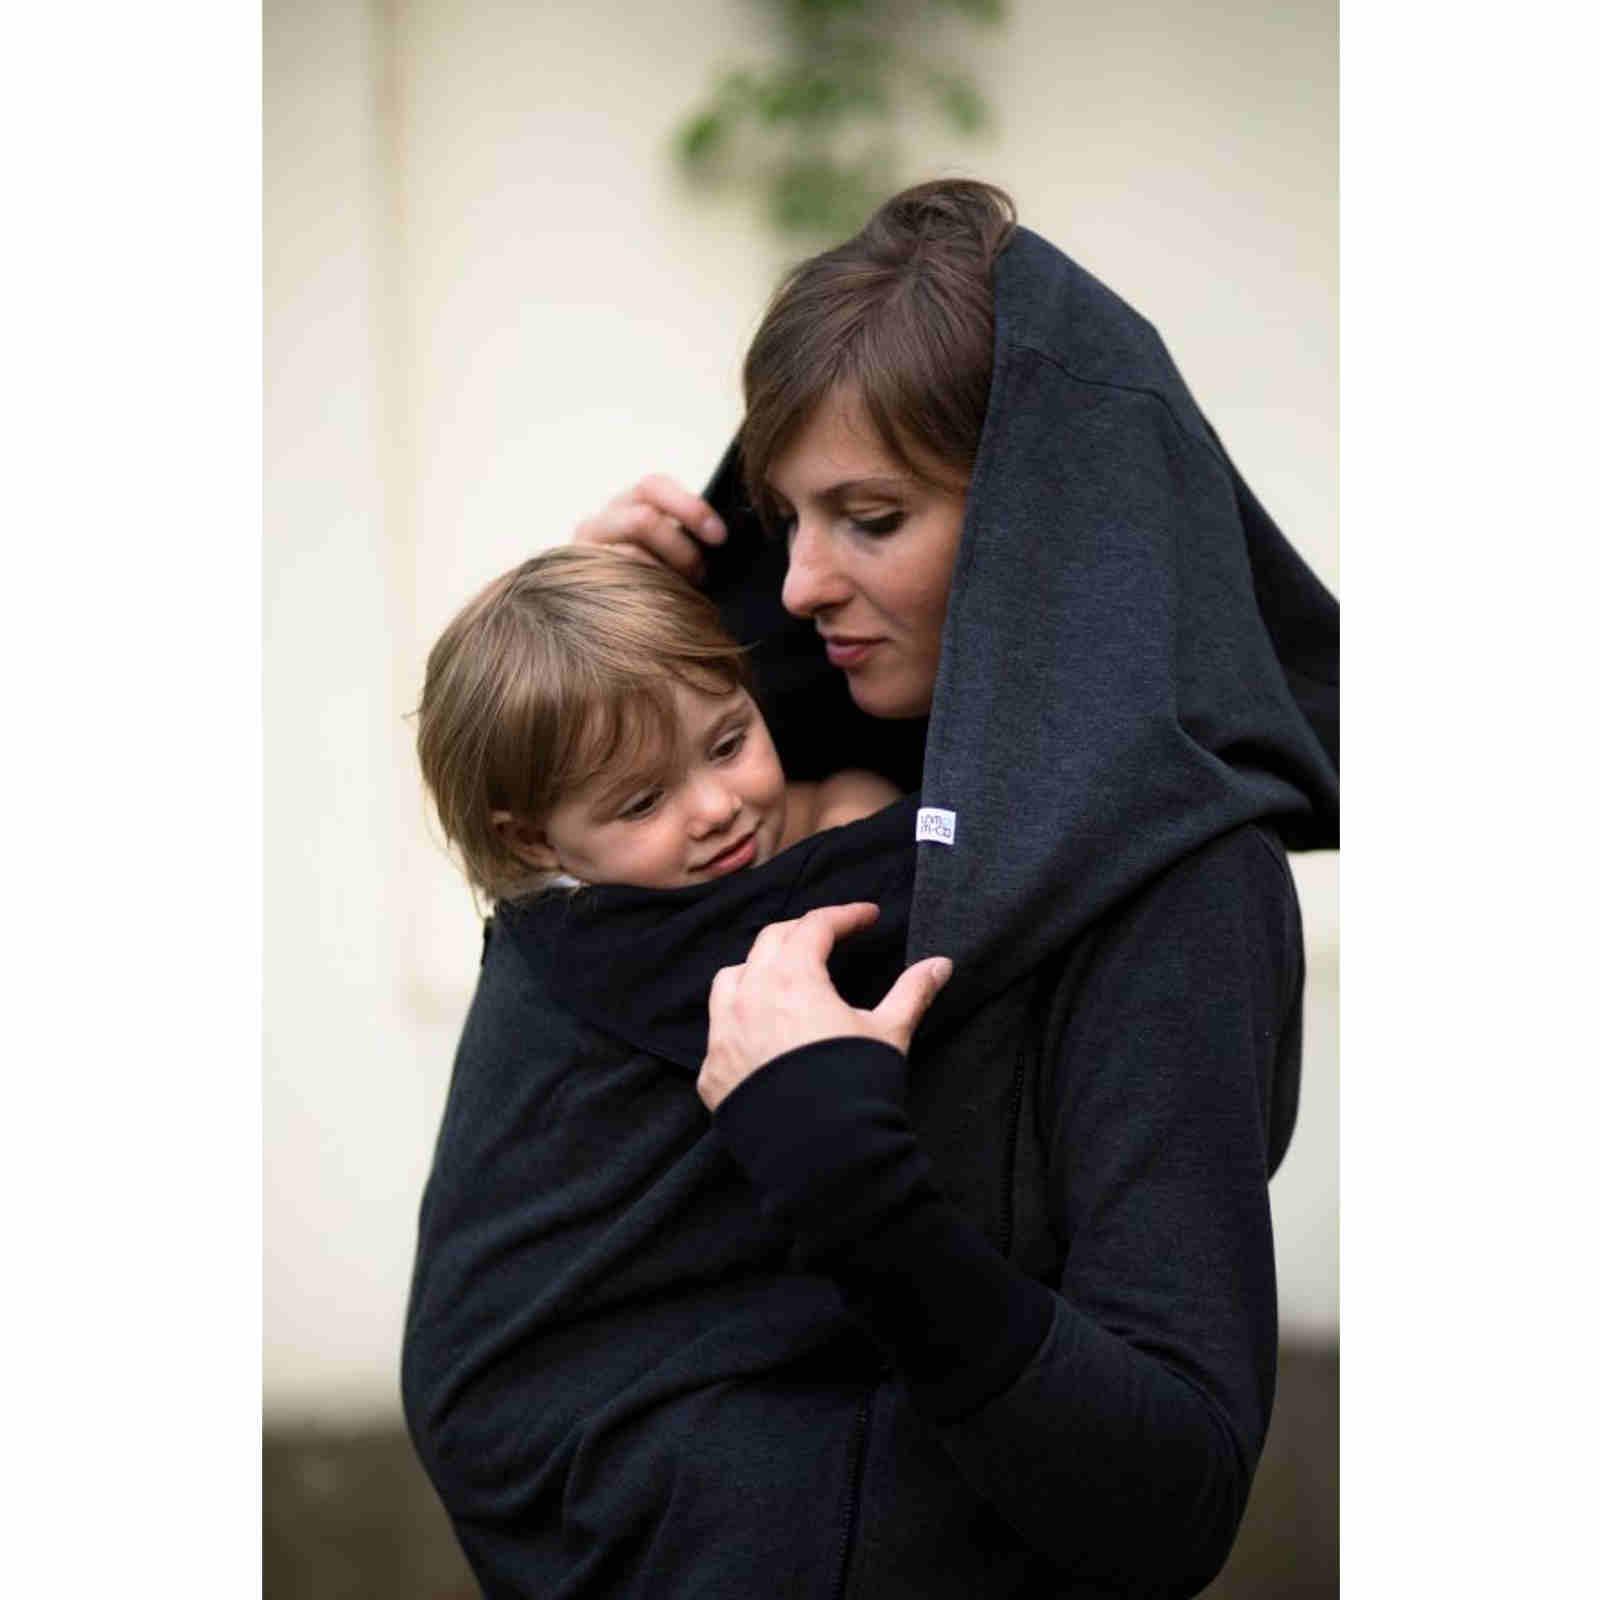 9be75a4cbbff4a Greyse bluza do noszenia dzieci 4w1 GRAFIT czarna – BebePetit ...